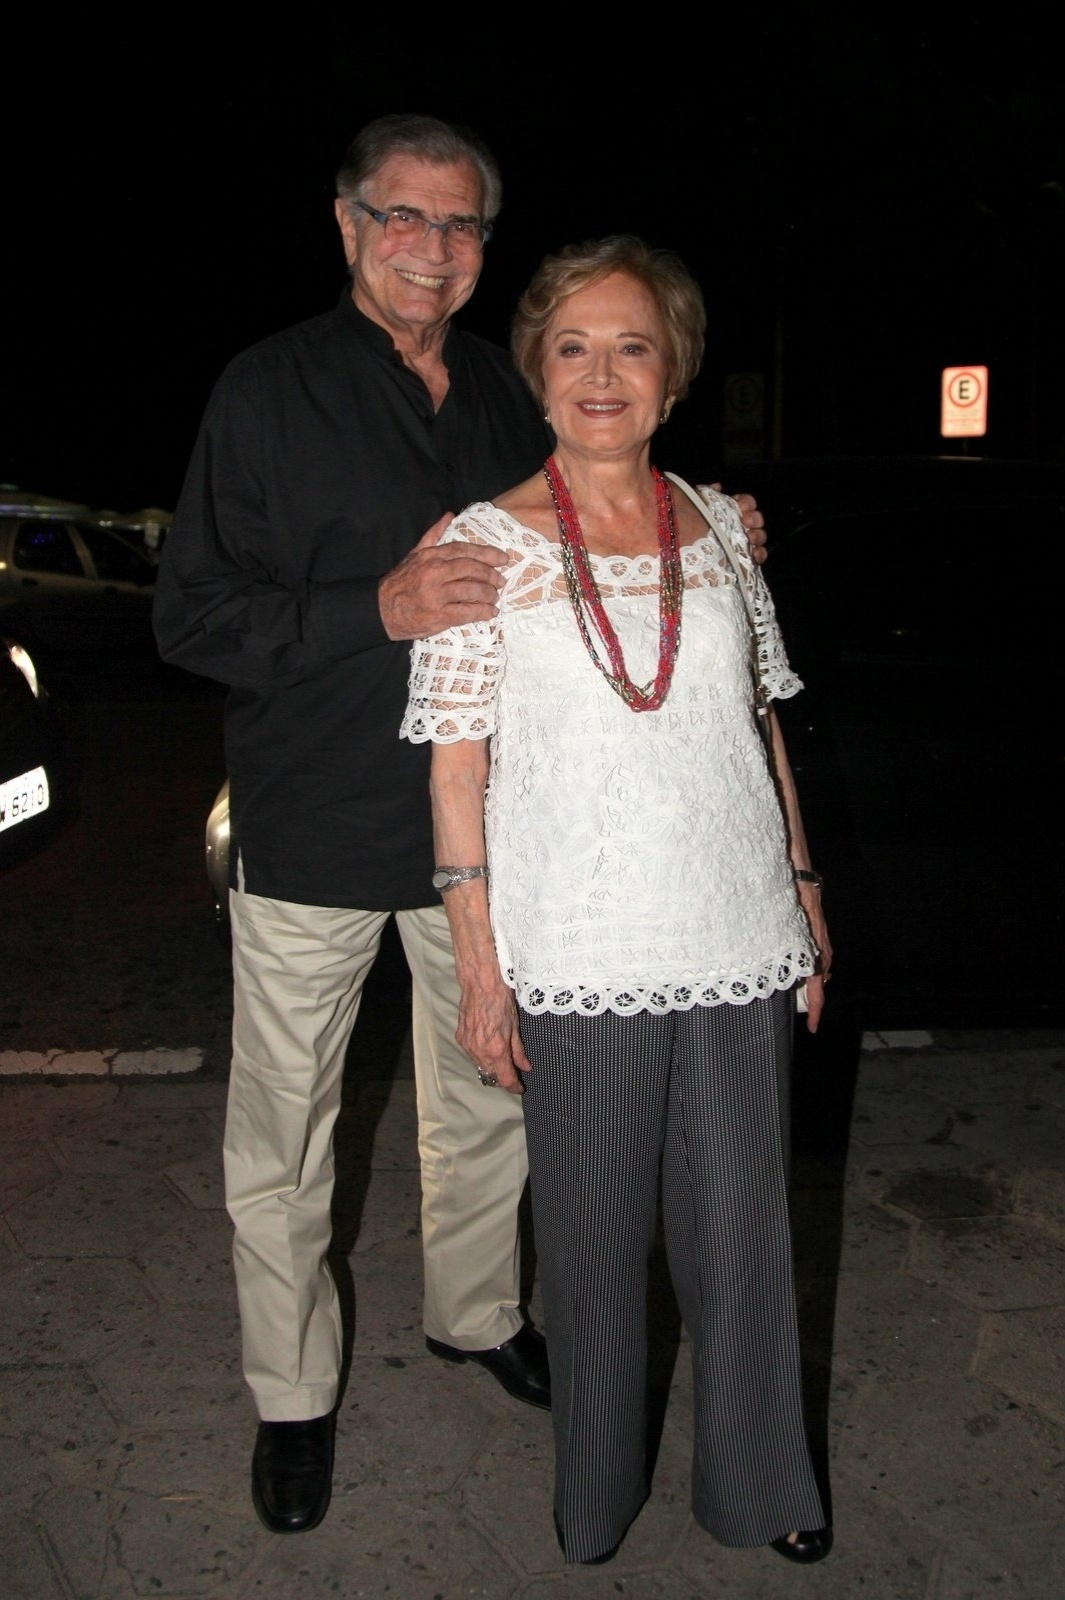 8.dez.2014 - O casal Tarcísio Meira e Gloria Menezes vai à comemoração de 79 anos de Boni que reuniu vários famosos em um restaurante em Copacabana, na zona sul do Rio de Janeiro, nesta segunda-feira